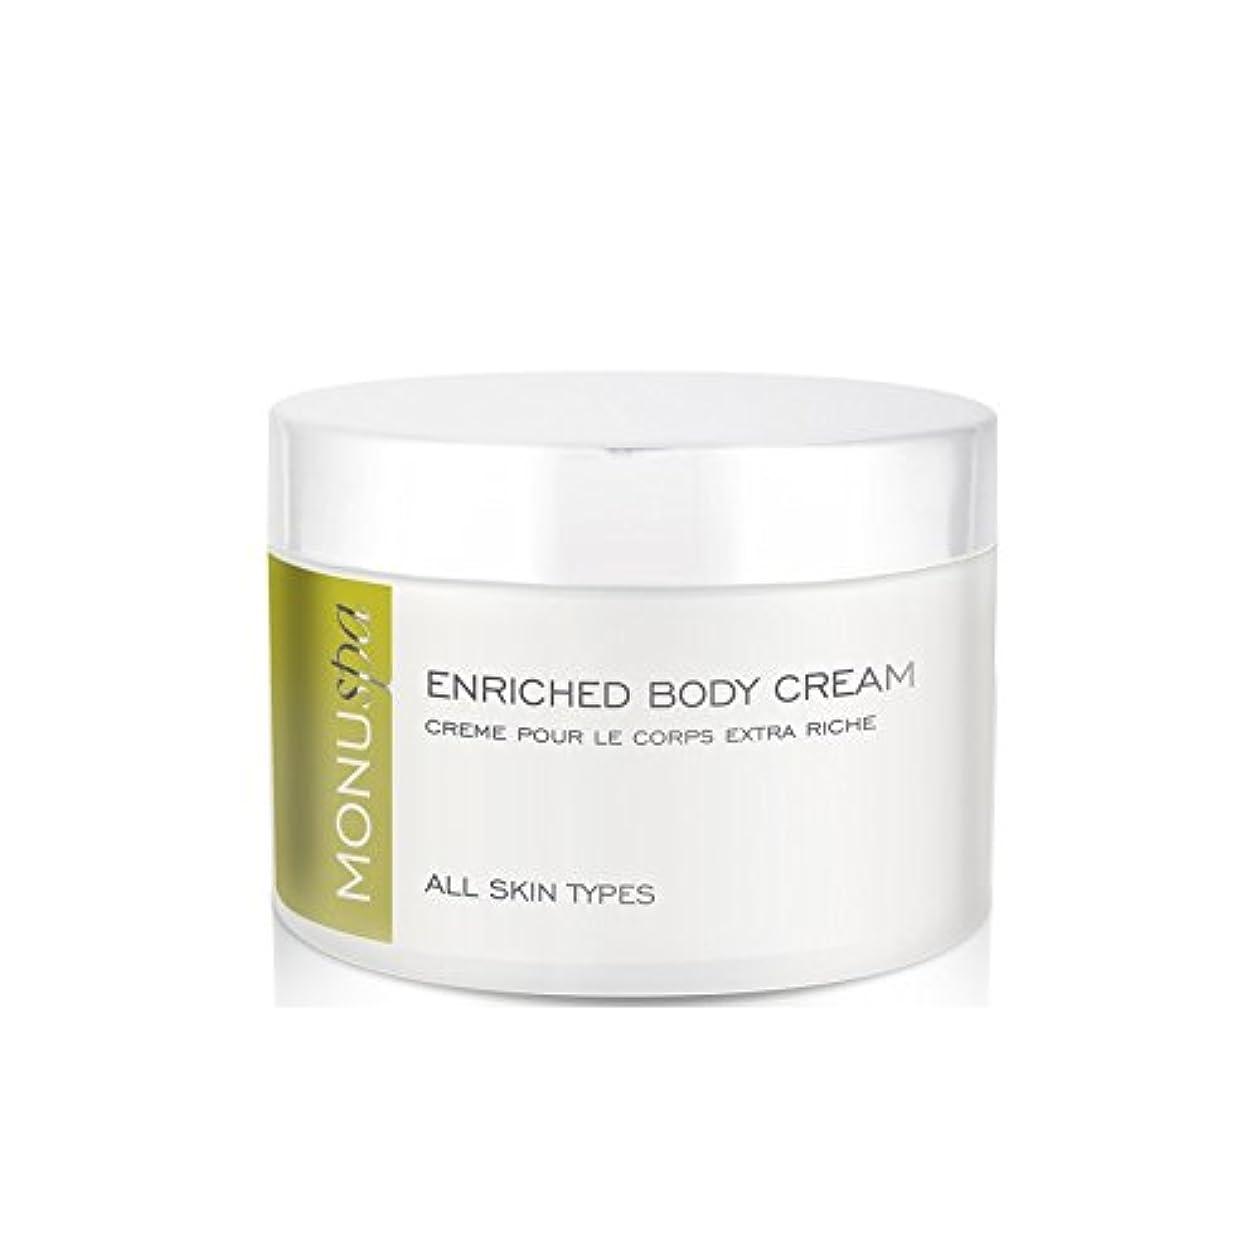 鳴り響くコンサルタント徴収濃縮ボディクリーム200ミリリットル x2 - MONUspa Enriched Body Cream 200ml (Pack of 2) [並行輸入品]